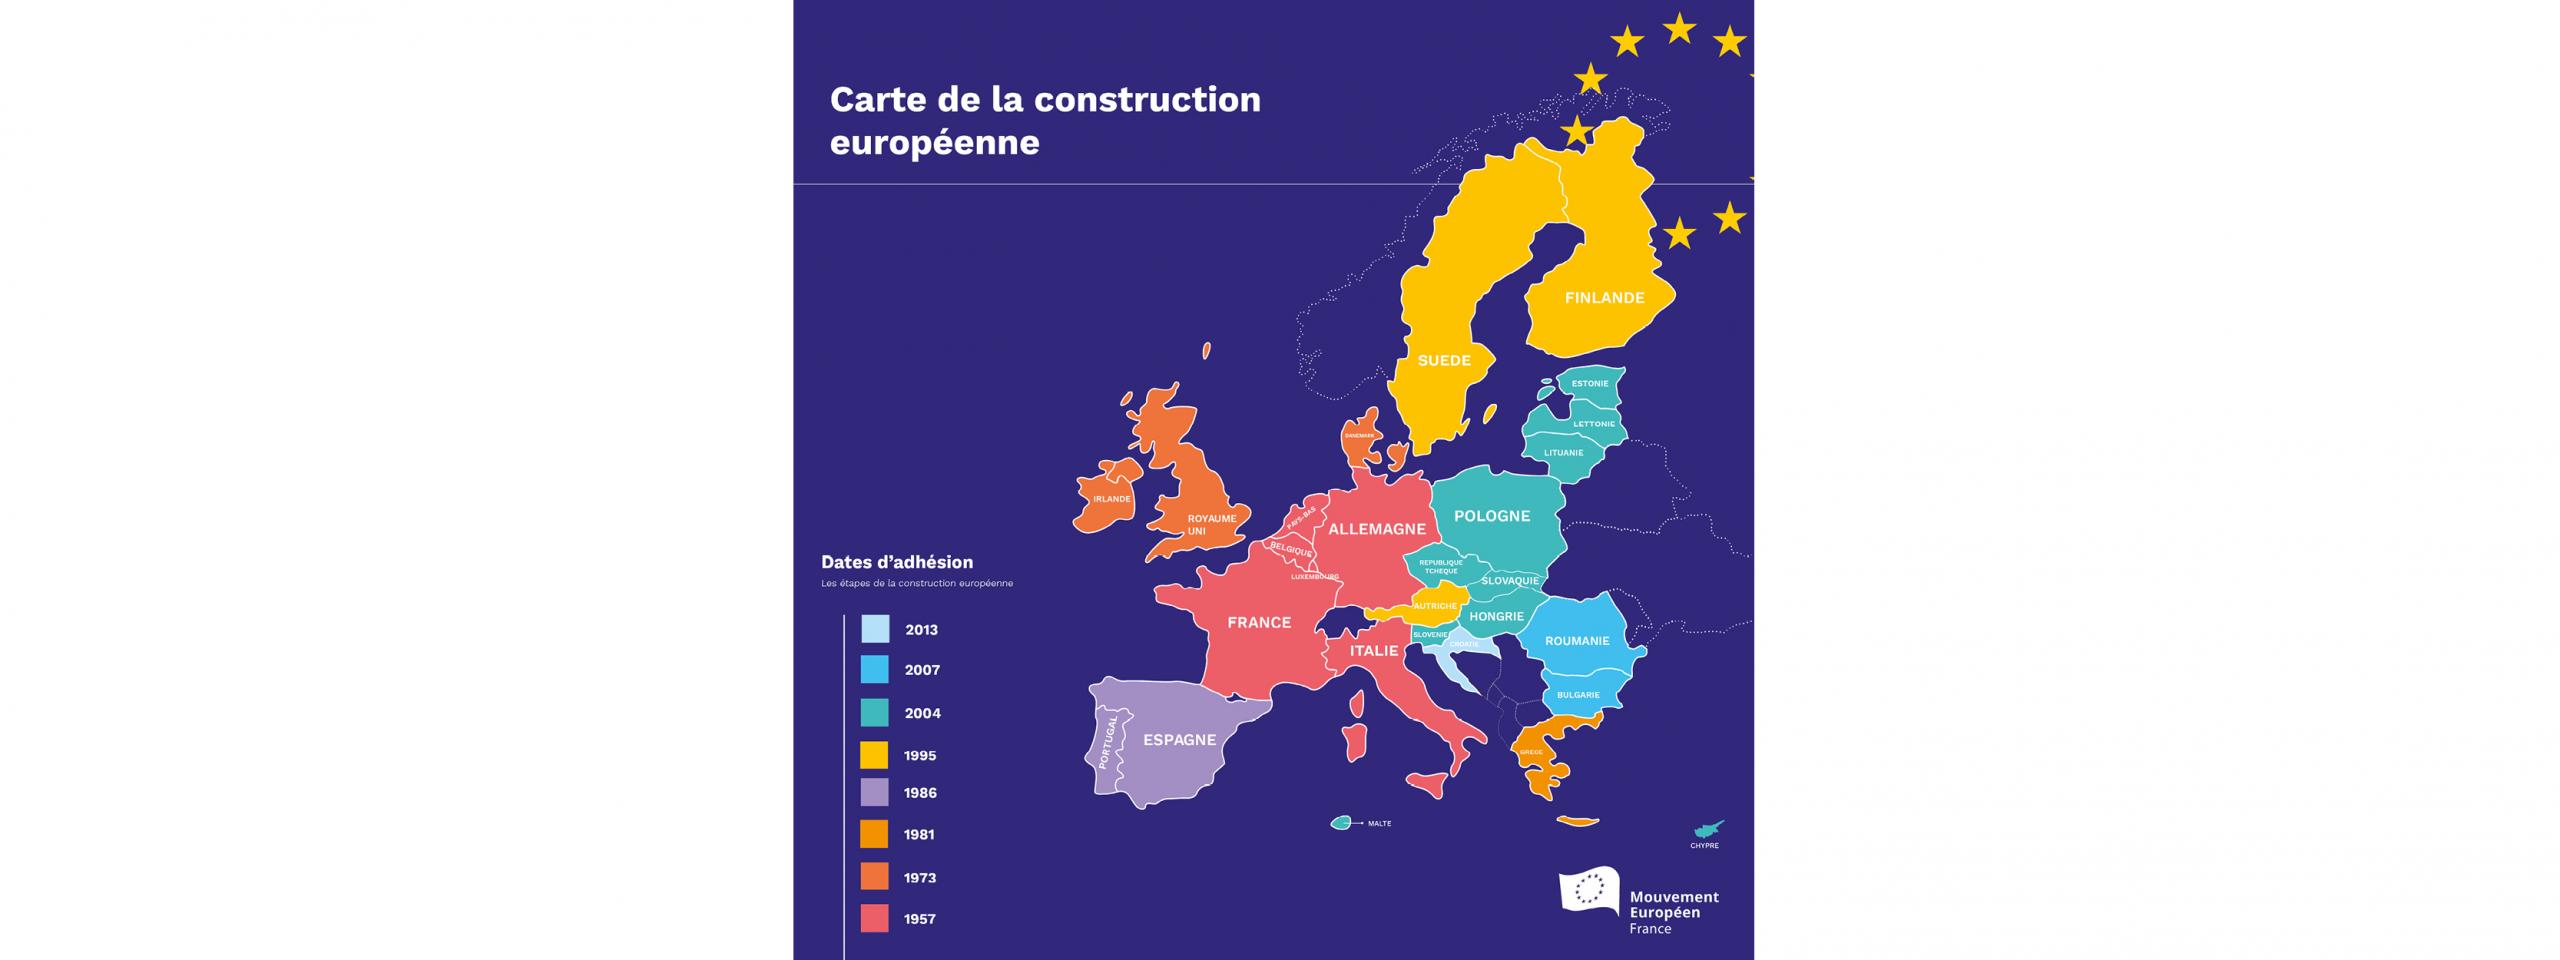 Union Européenne : La Construction Européenne En Carte encequiconcerne Carte Union Européenne 28 Pays